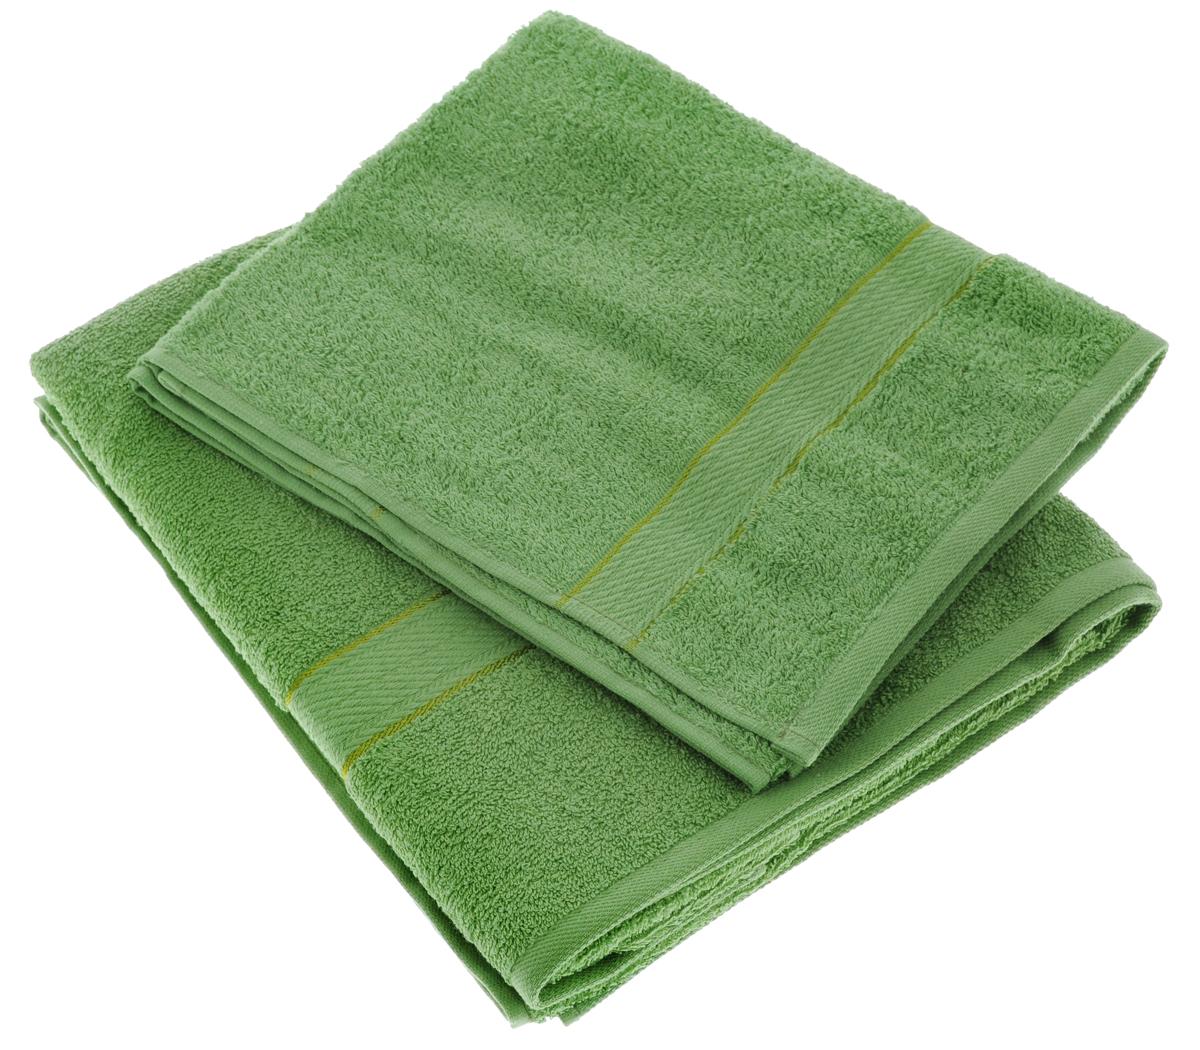 Набор махровых полотенец Aisha Home Textile, цвет: зеленый, 2 шт. УзТ-НПМ-102УзТ-НПМ-102-08Набор Aisha Home Textile состоит из двух махровых полотенец разного размера. В состав входит только натуральное волокно - 100% хлопок. Лаконичные бордюры подойдут для любого интерьера ванной комнаты. Полотенца прекрасно впитывают влагу и быстро сохнут. При соблюдении рекомендаций по уходу не линяют и не теряют форму даже после многократных стирок.Комплектация: 2 шт.